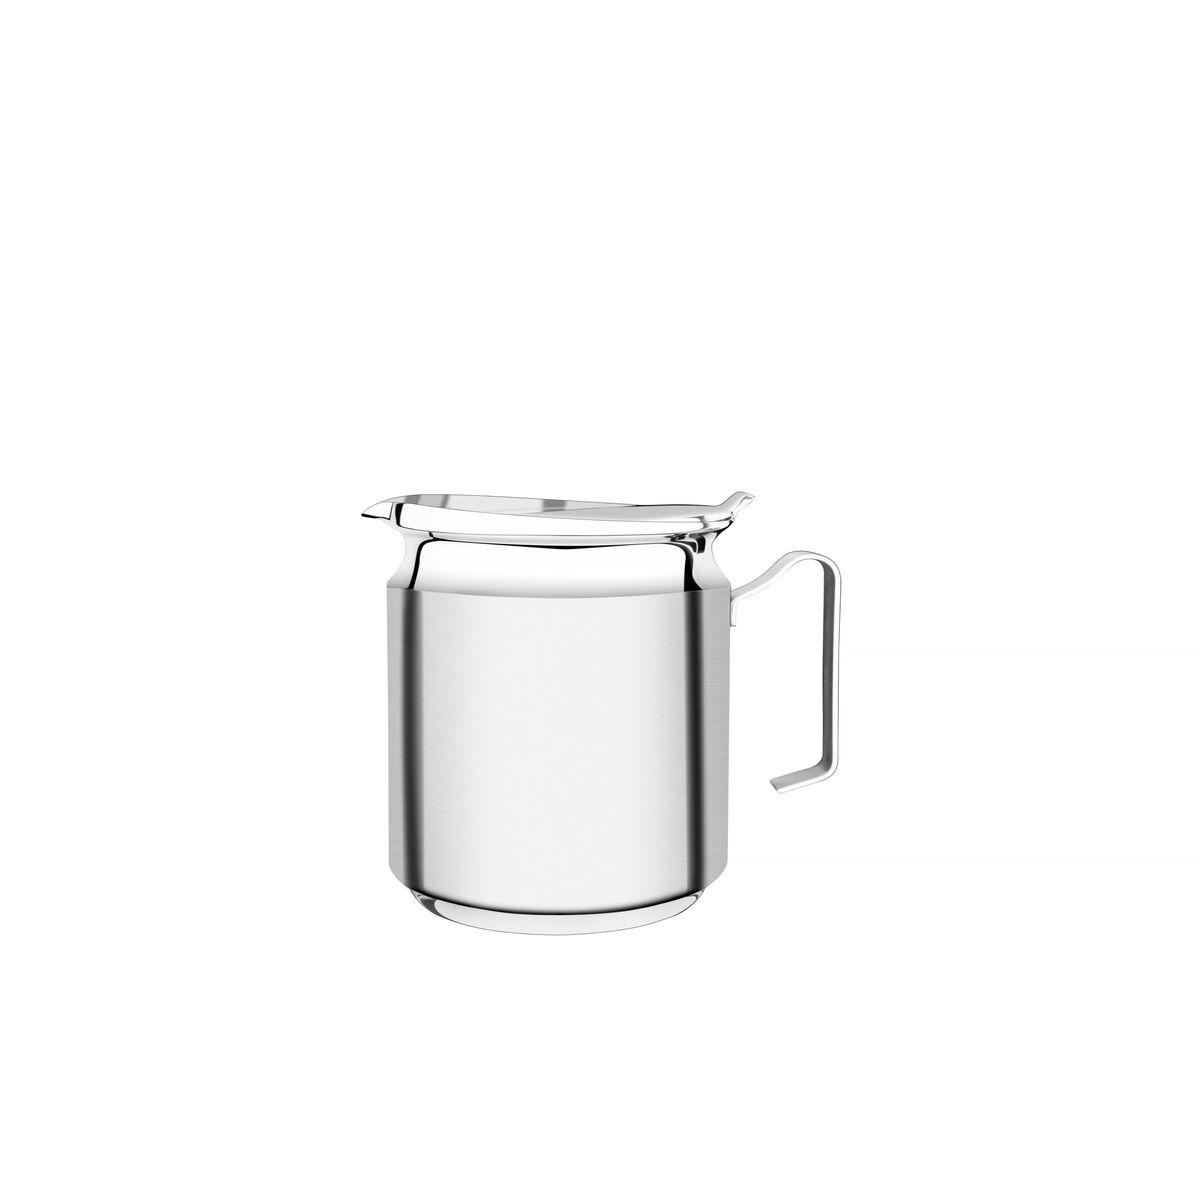 Cafetera y lechera Tramontina de acero inoxidable 11,5 cm 470 ml